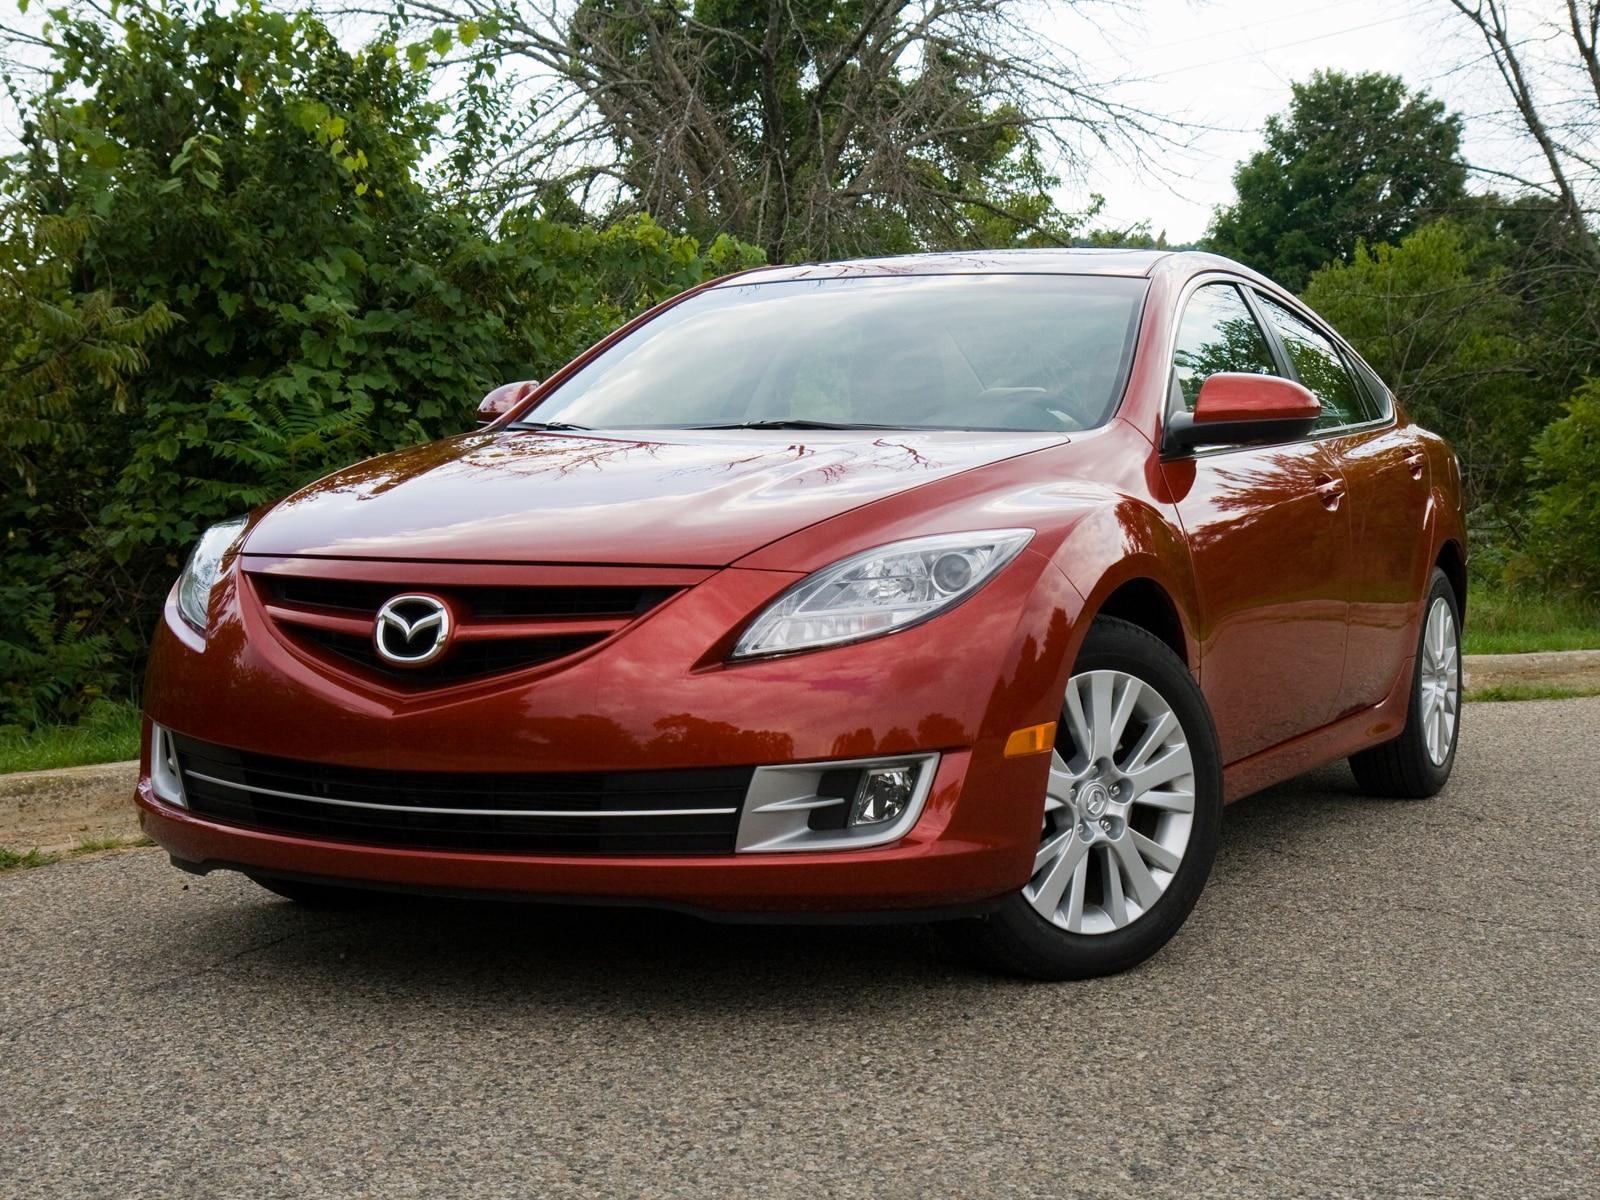 0910 02 Z 2010 Mazda6i Touring Plus Front Three Quarter View